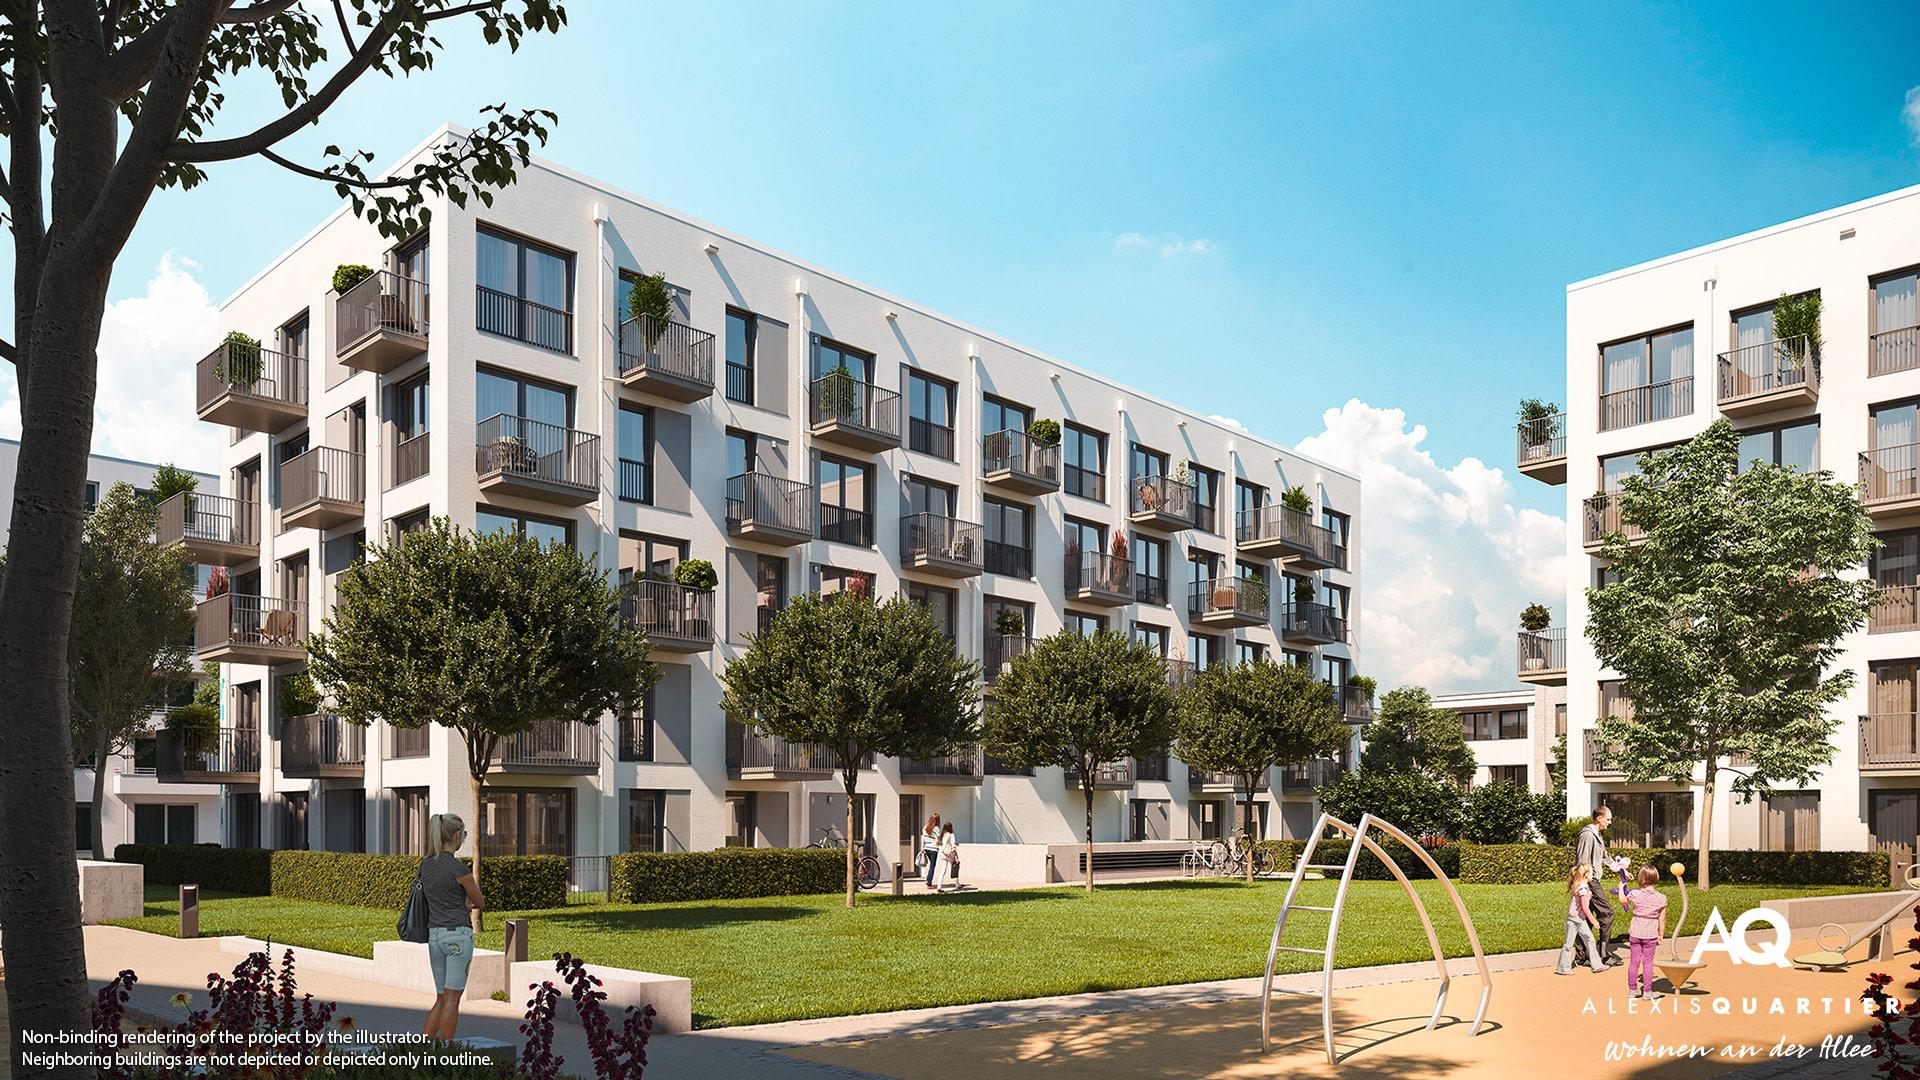 Property Alexisquartier - Wohnen an der Allee - Illustration 7